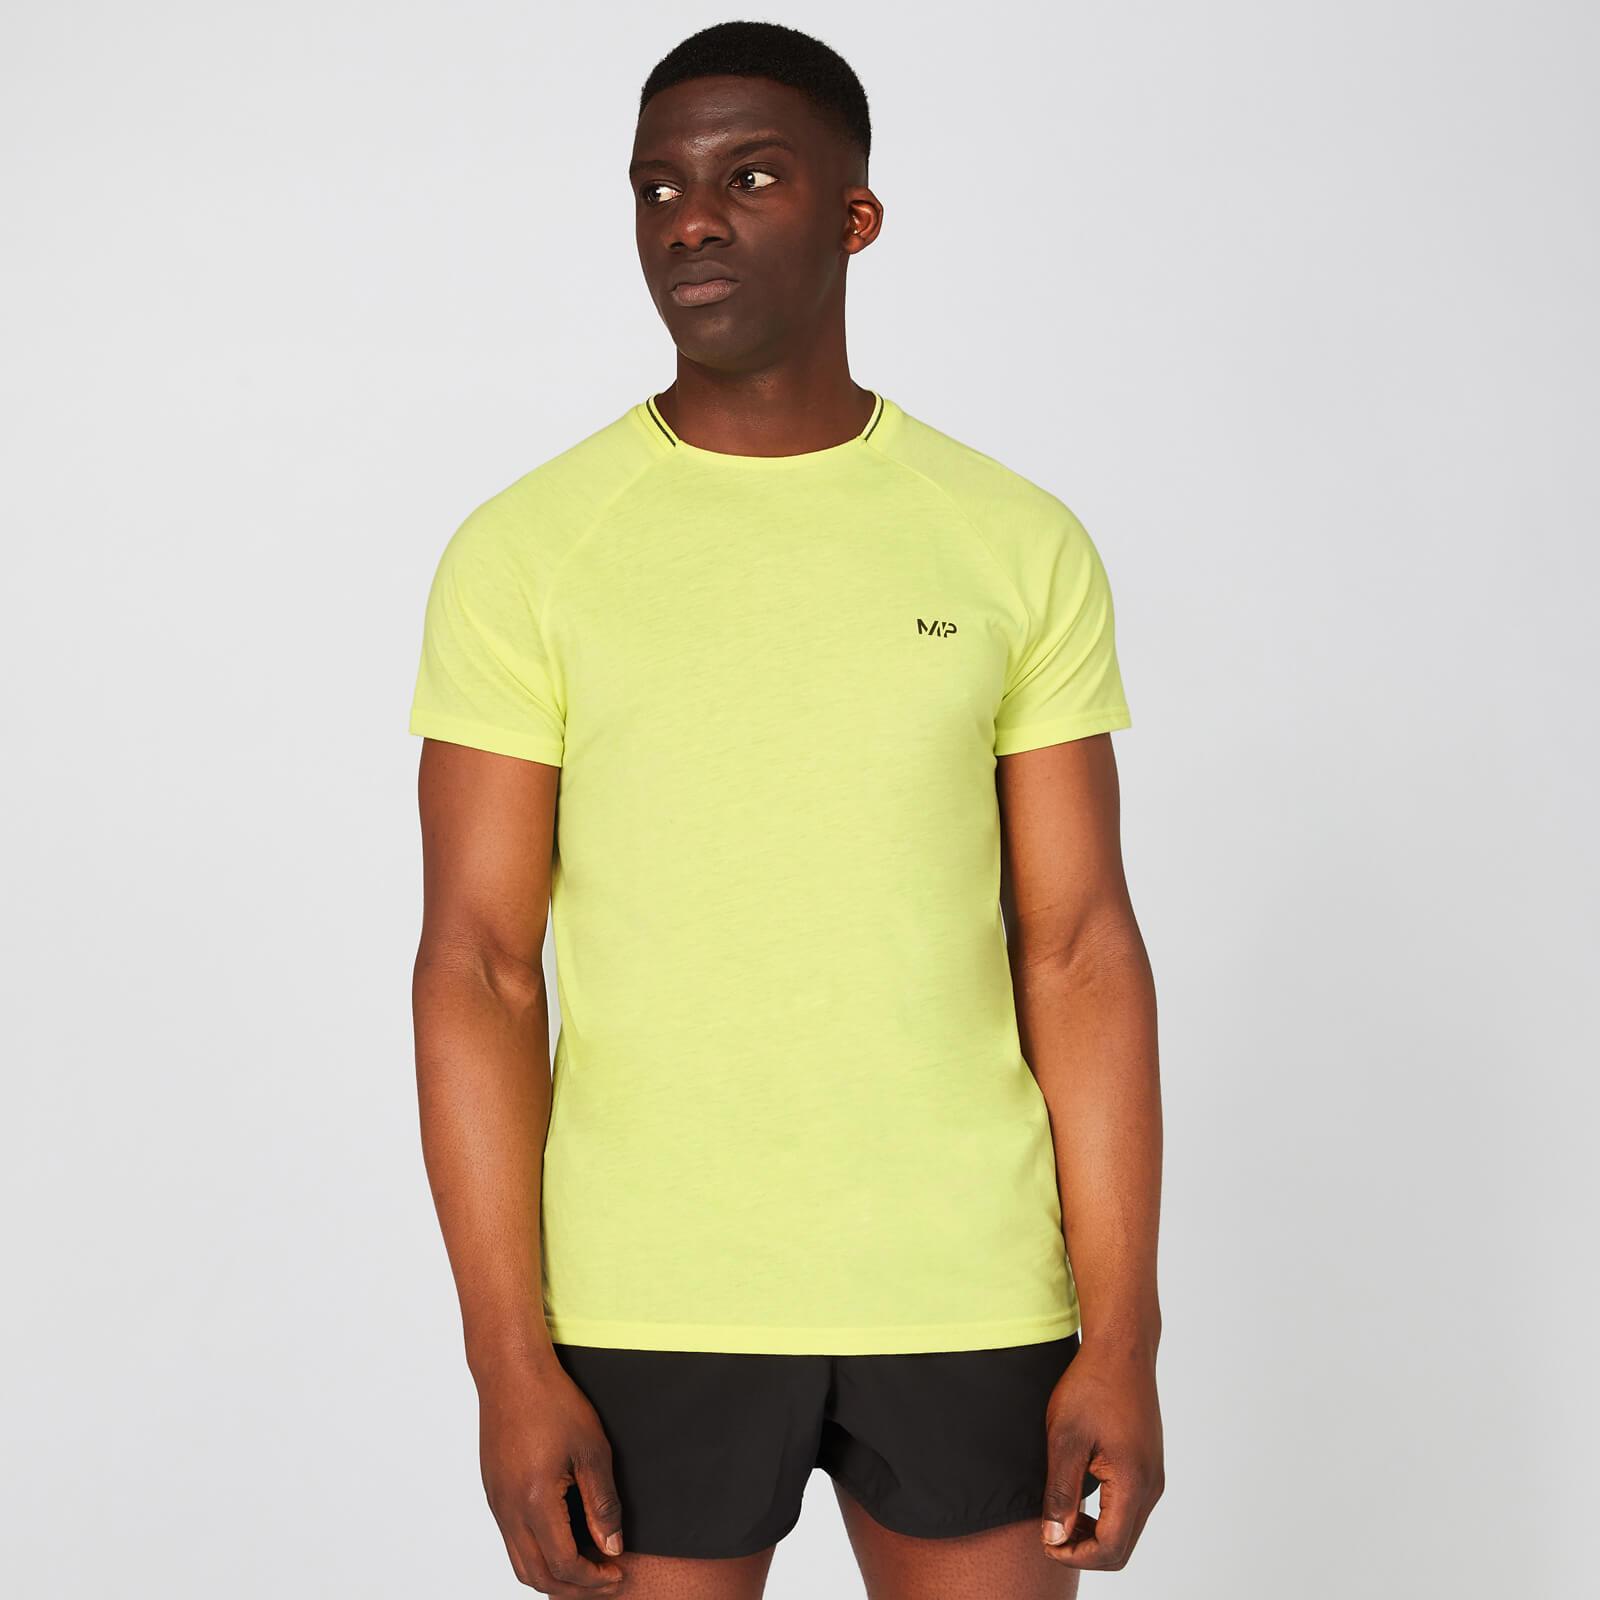 Myprotein Pace T-Shirt - Sulphur - M